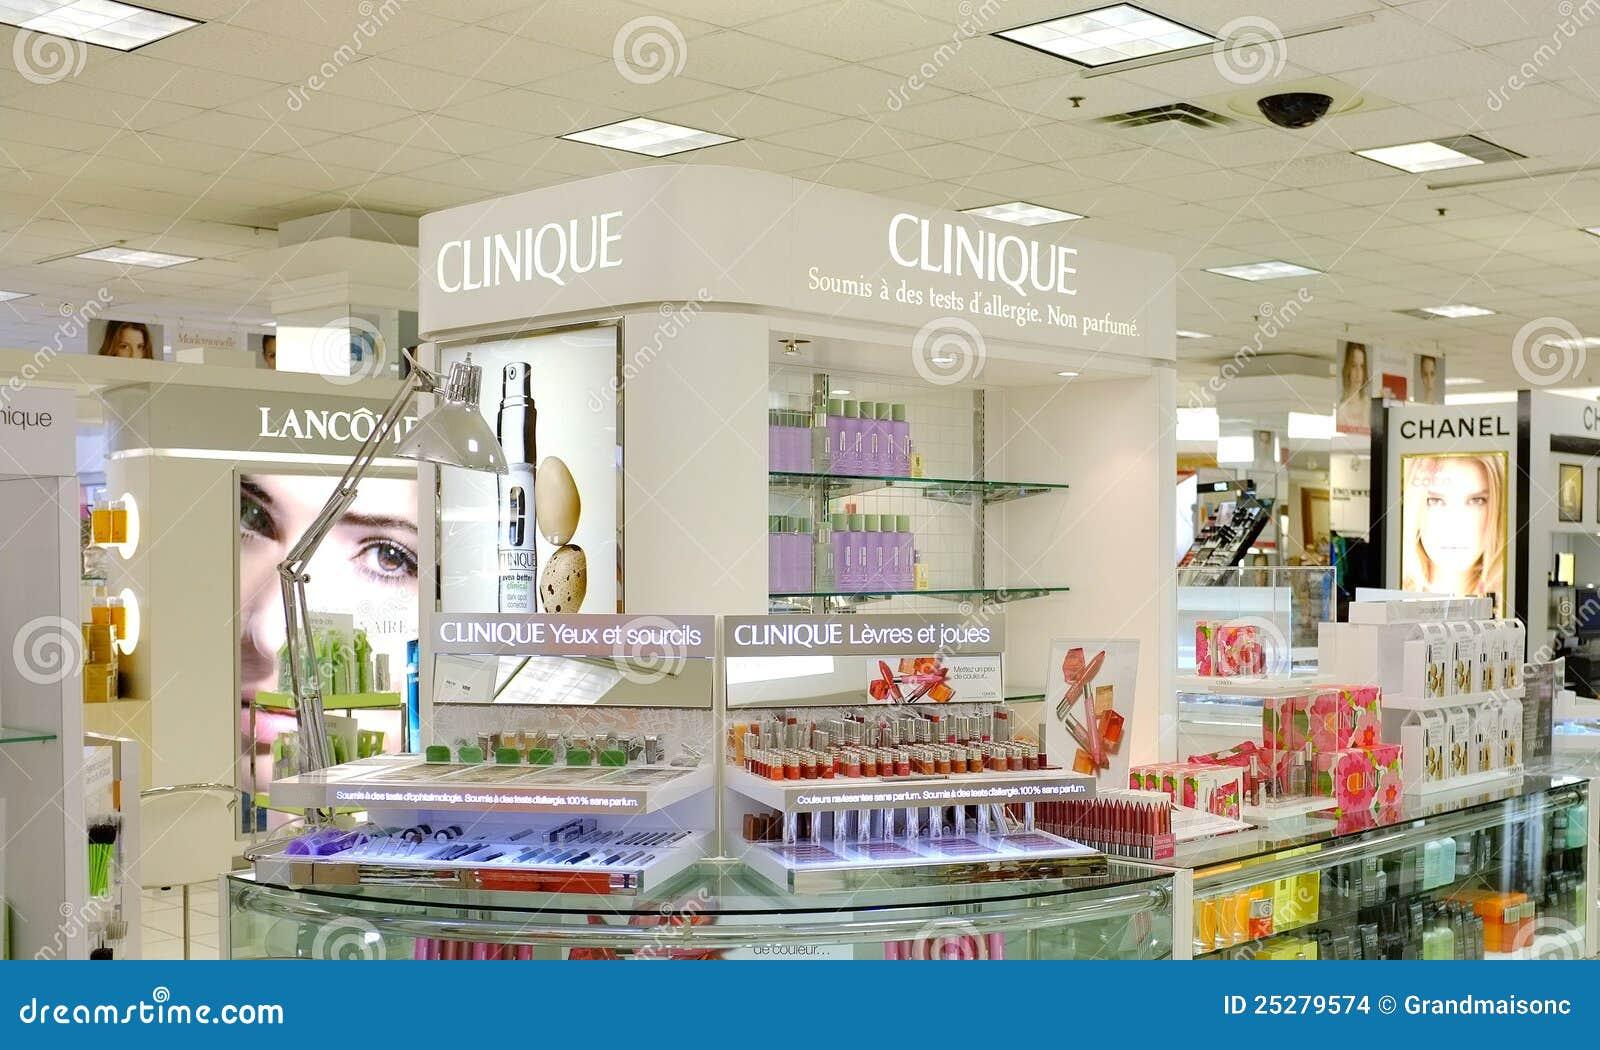 e59a9490e87 The Bay Company Clinique Store Editorial Stock Image - Image of ...